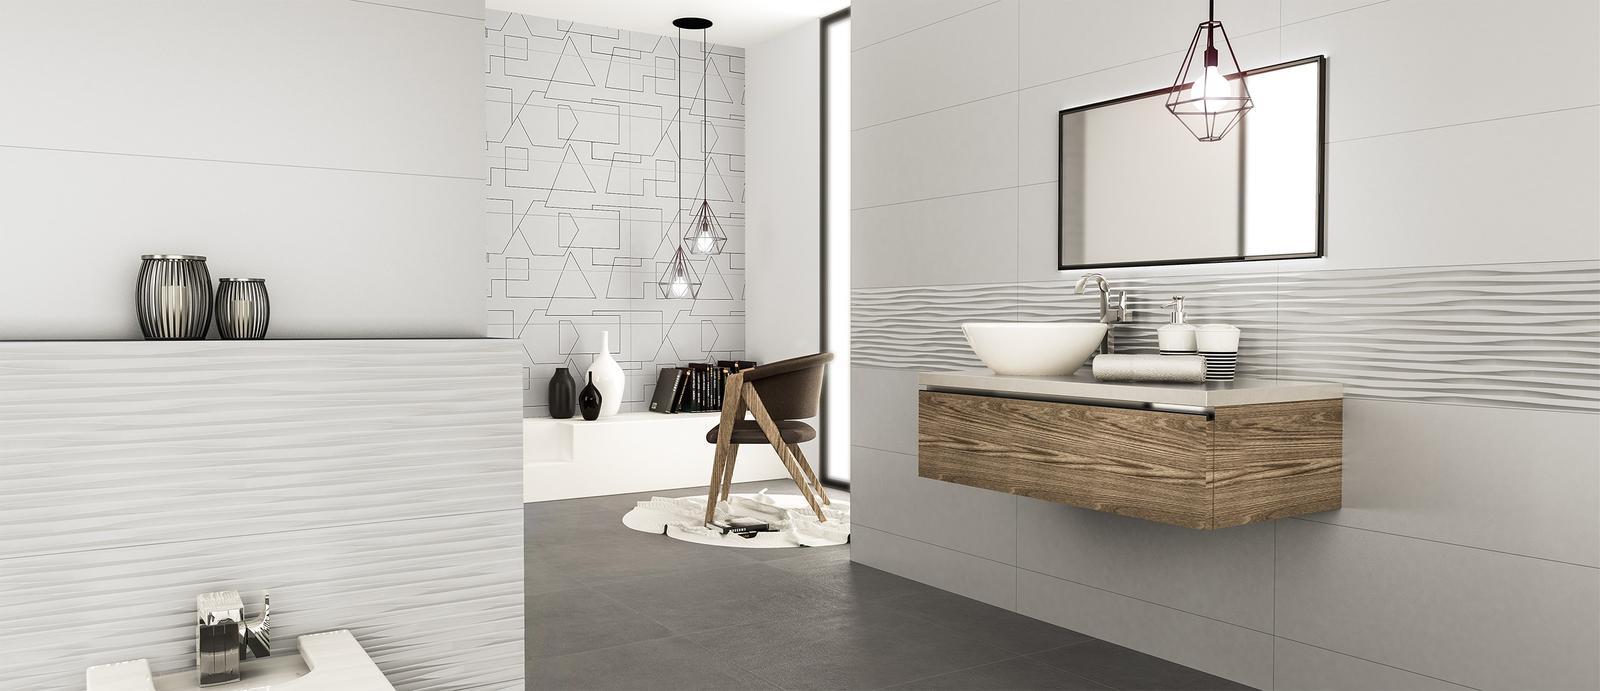 Moderné kúpeľne - štýlová kúpeľňa Luminor Perla 29x89